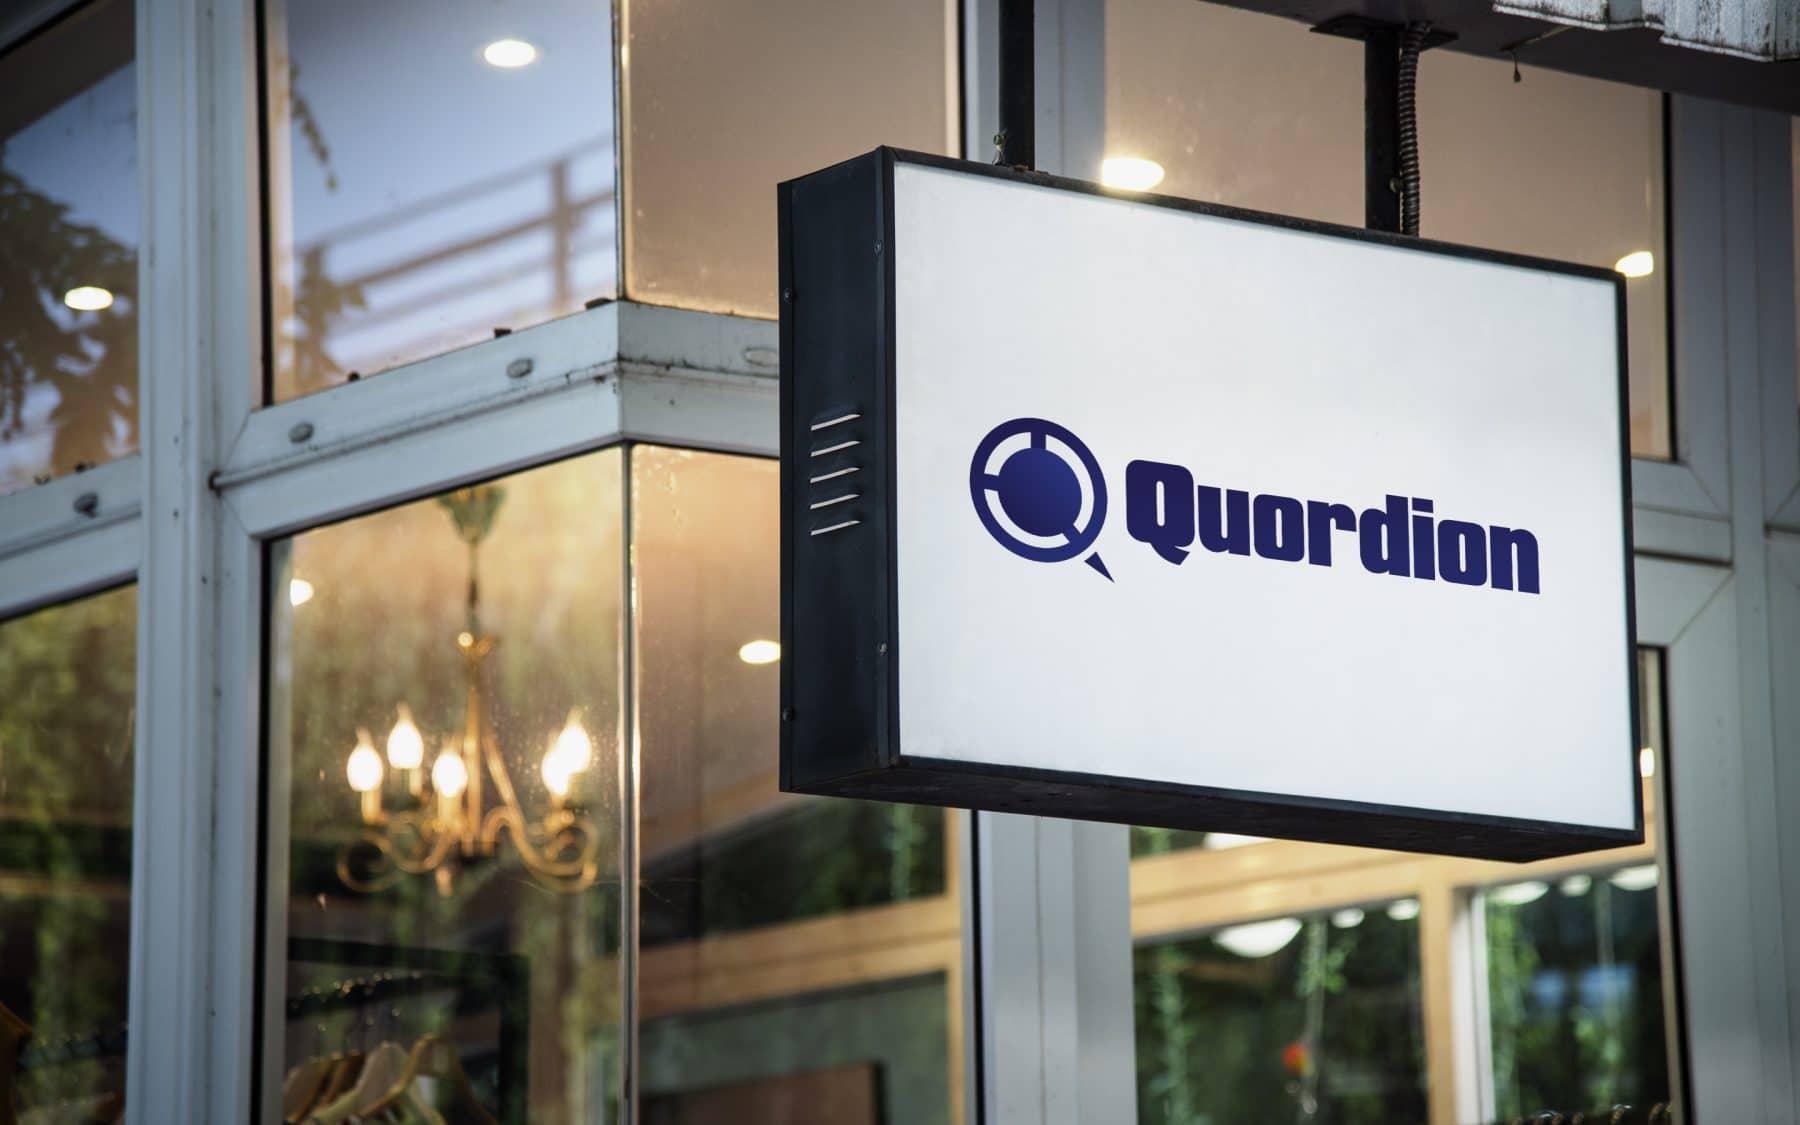 Quordion 3